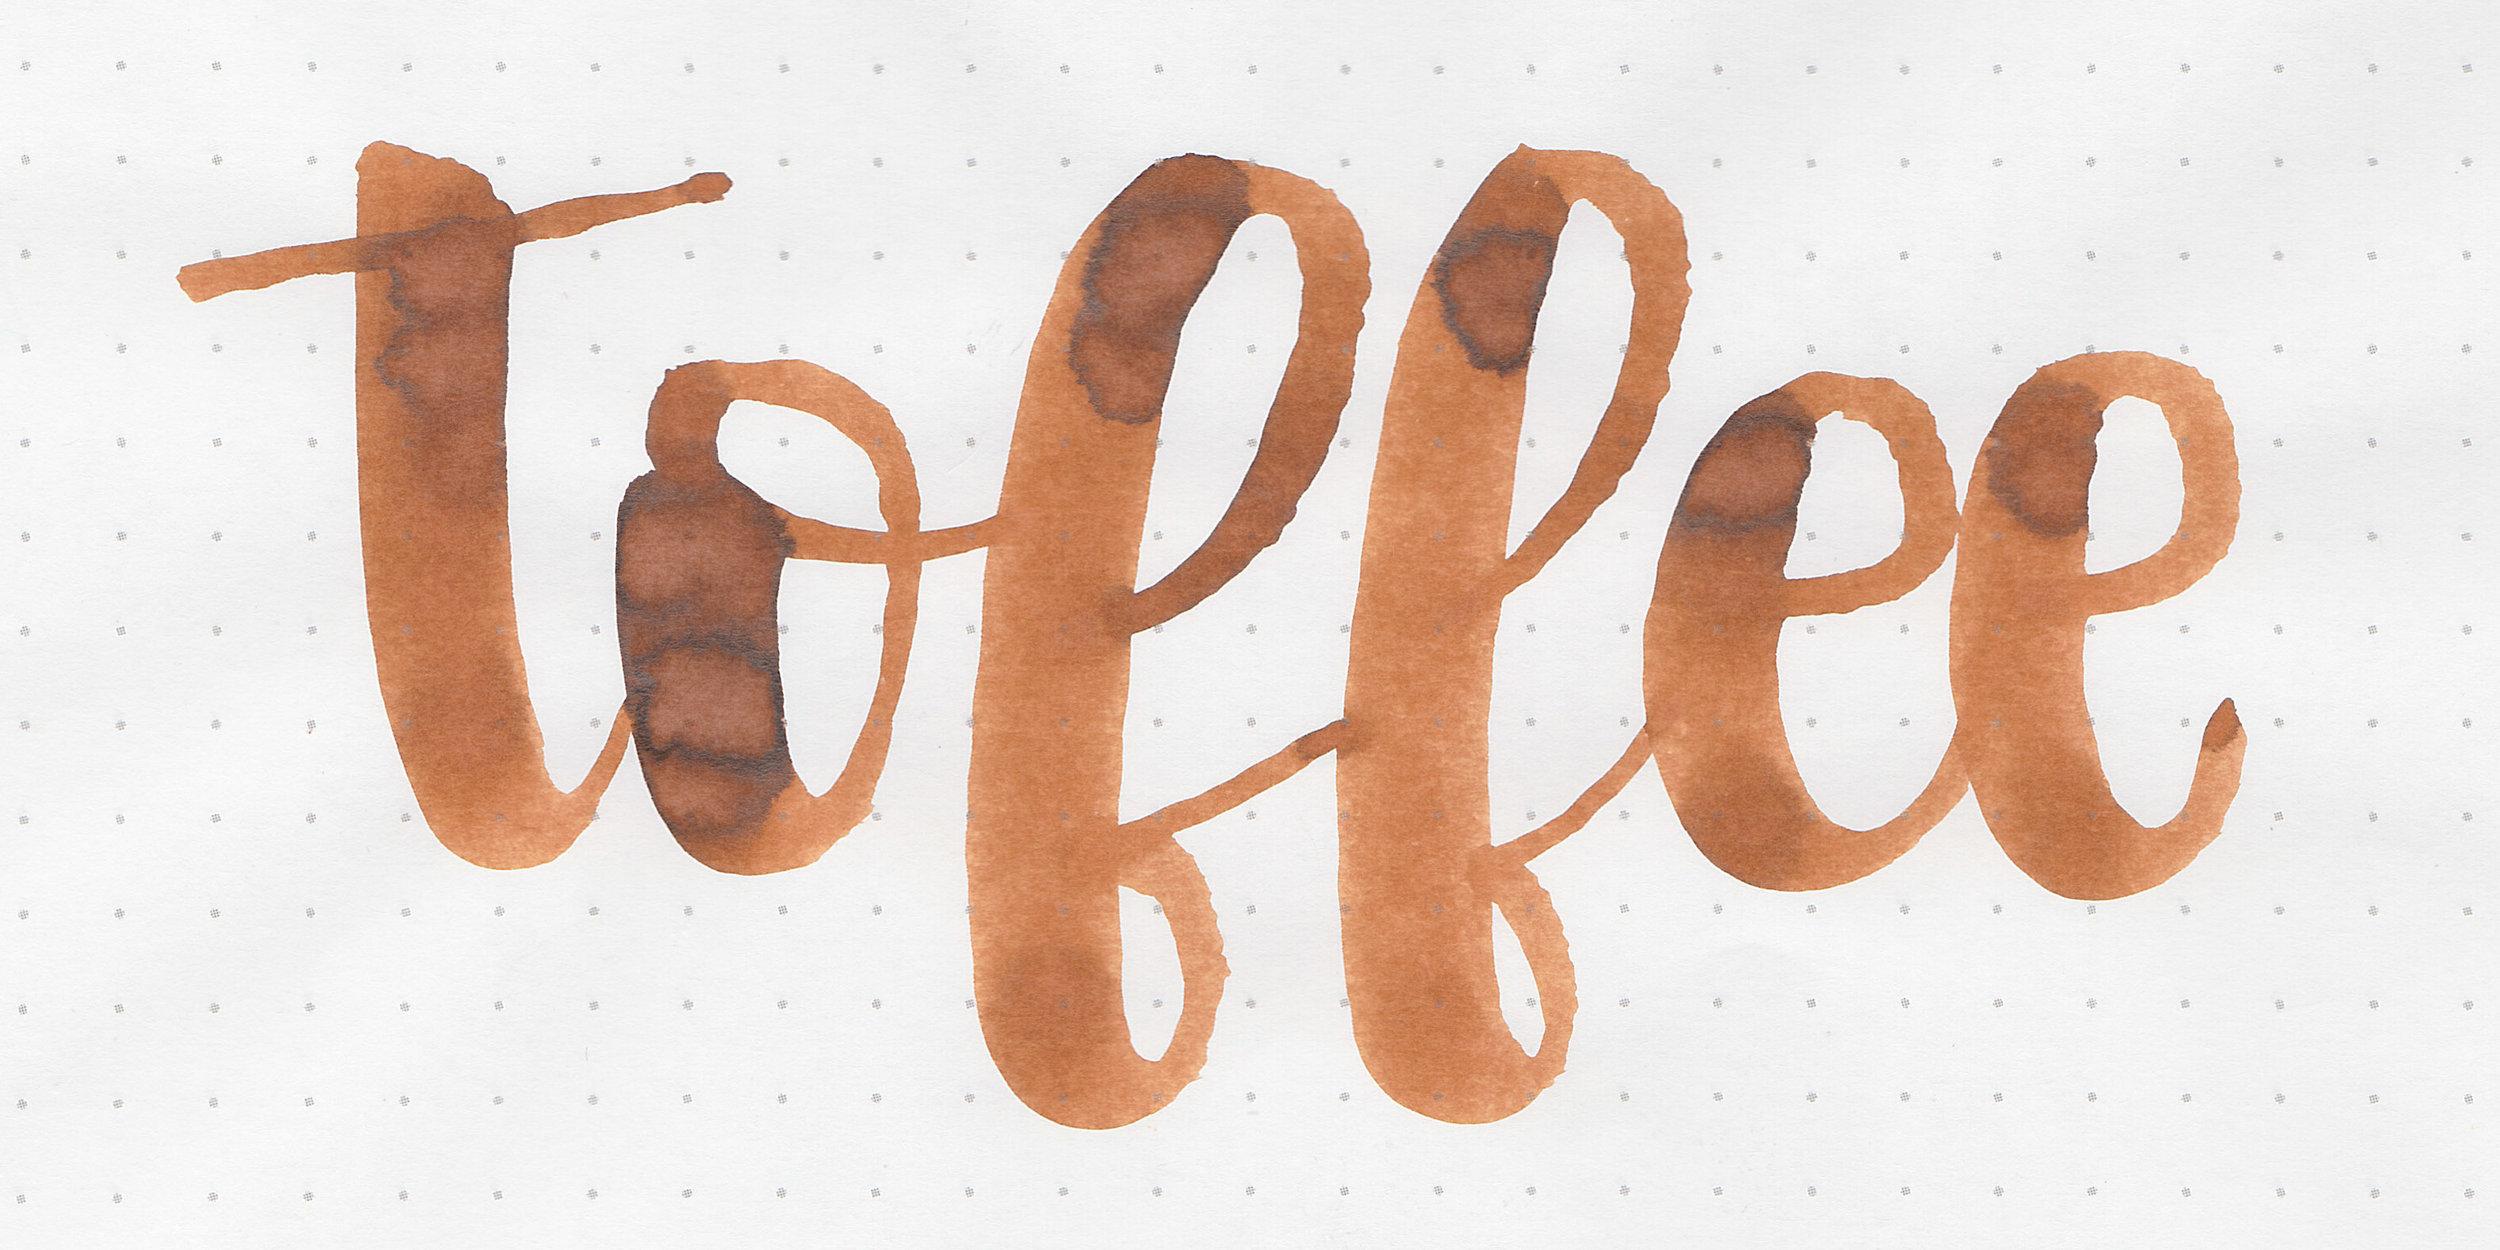 ro-toffee-2.jpg